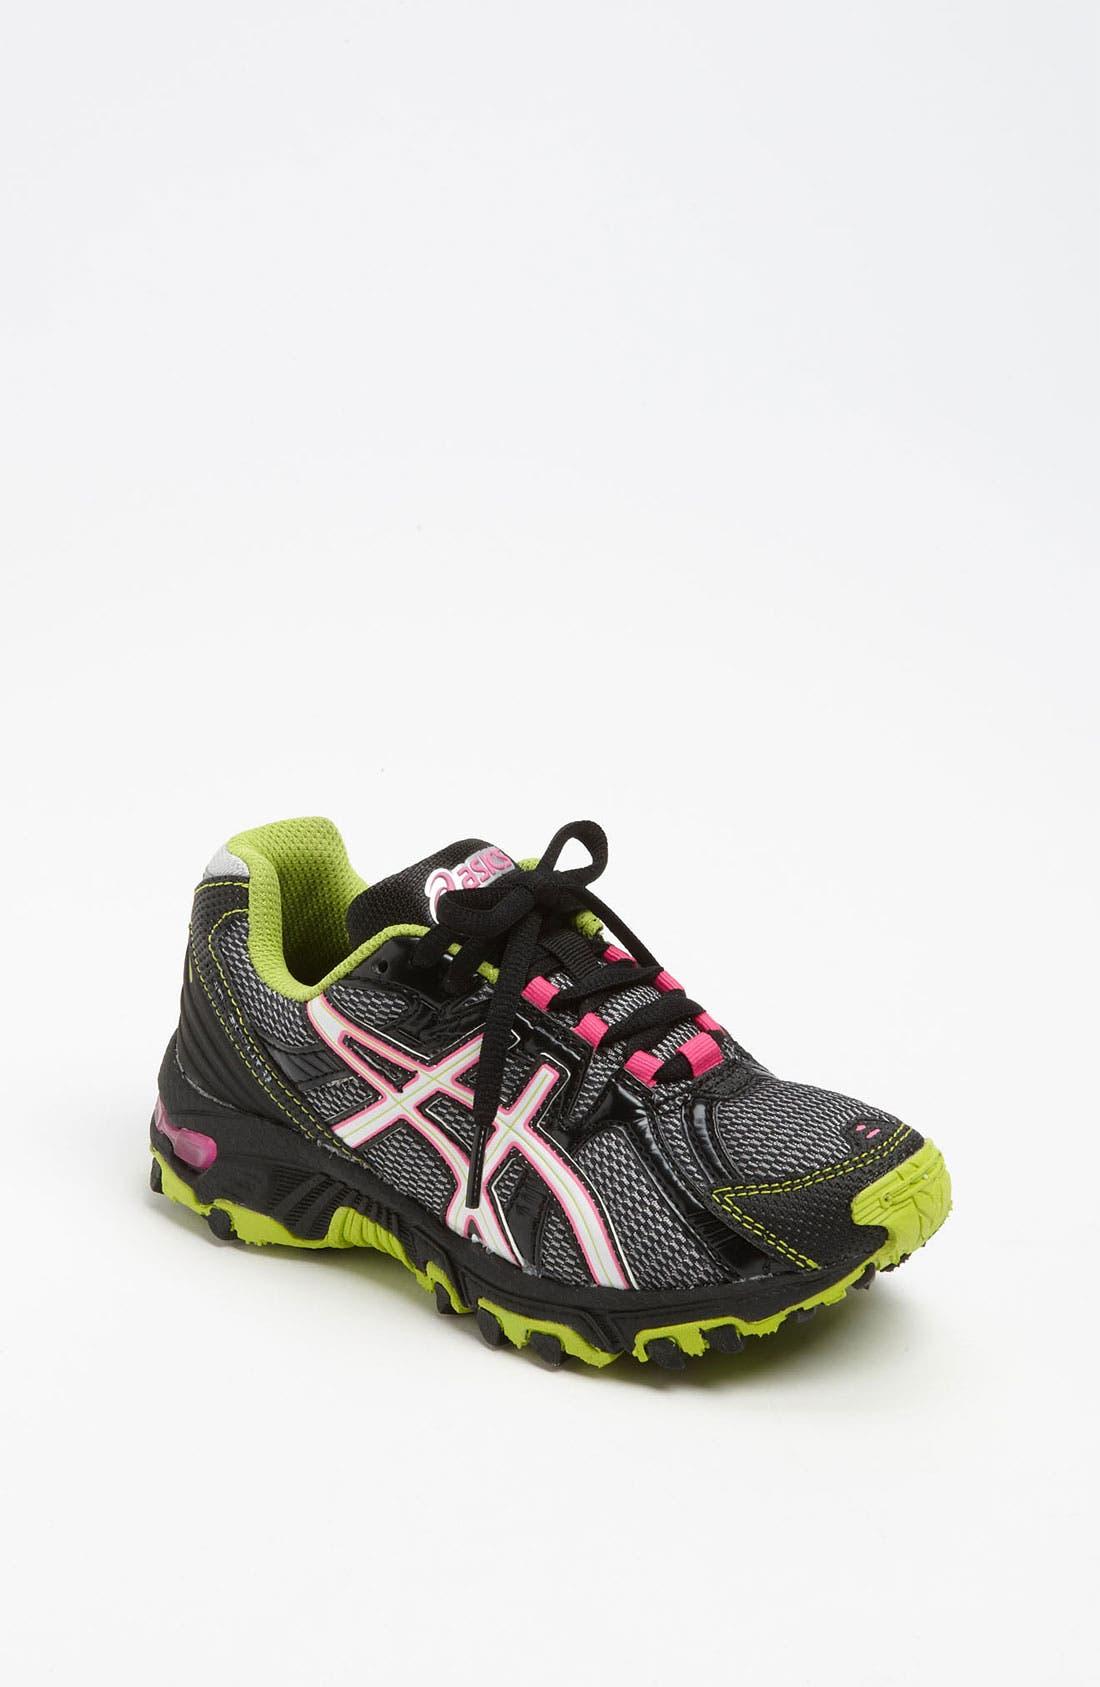 Main Image - ASICS® 'GEL-Scout' Running Shoe (Little Kid & Big Kid)